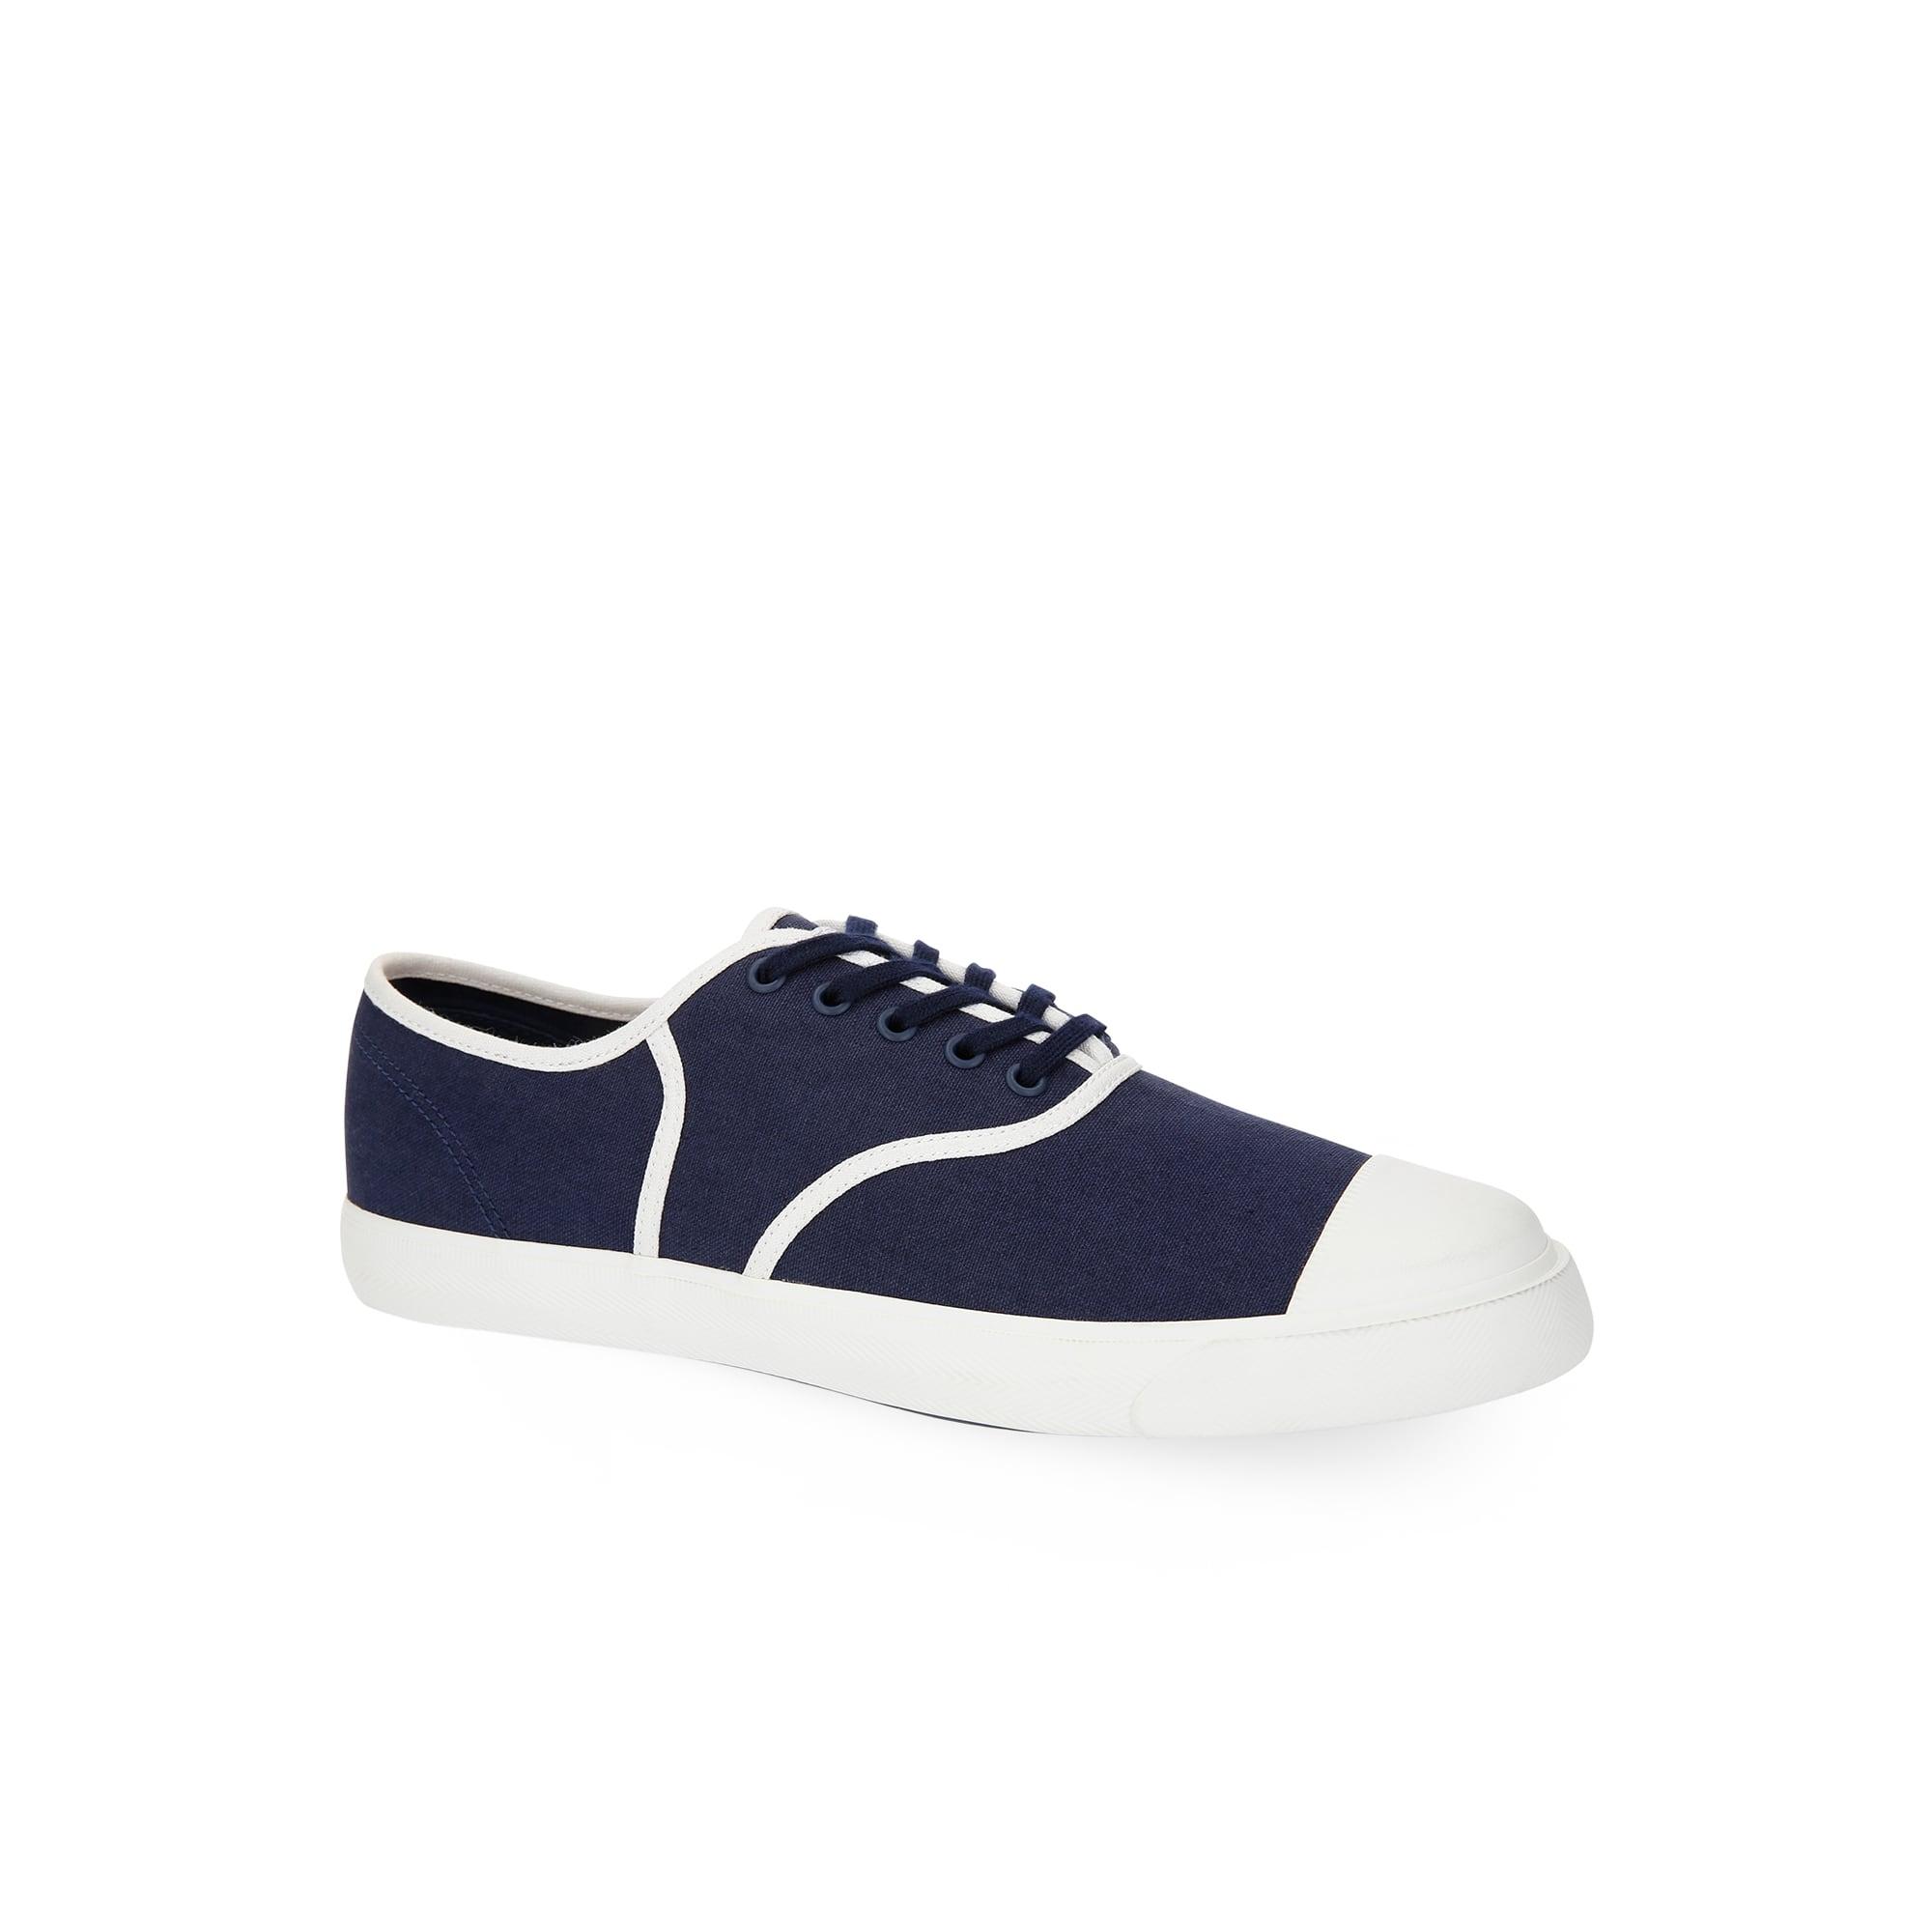 32d692e2 Shoes collection | LACOSTE